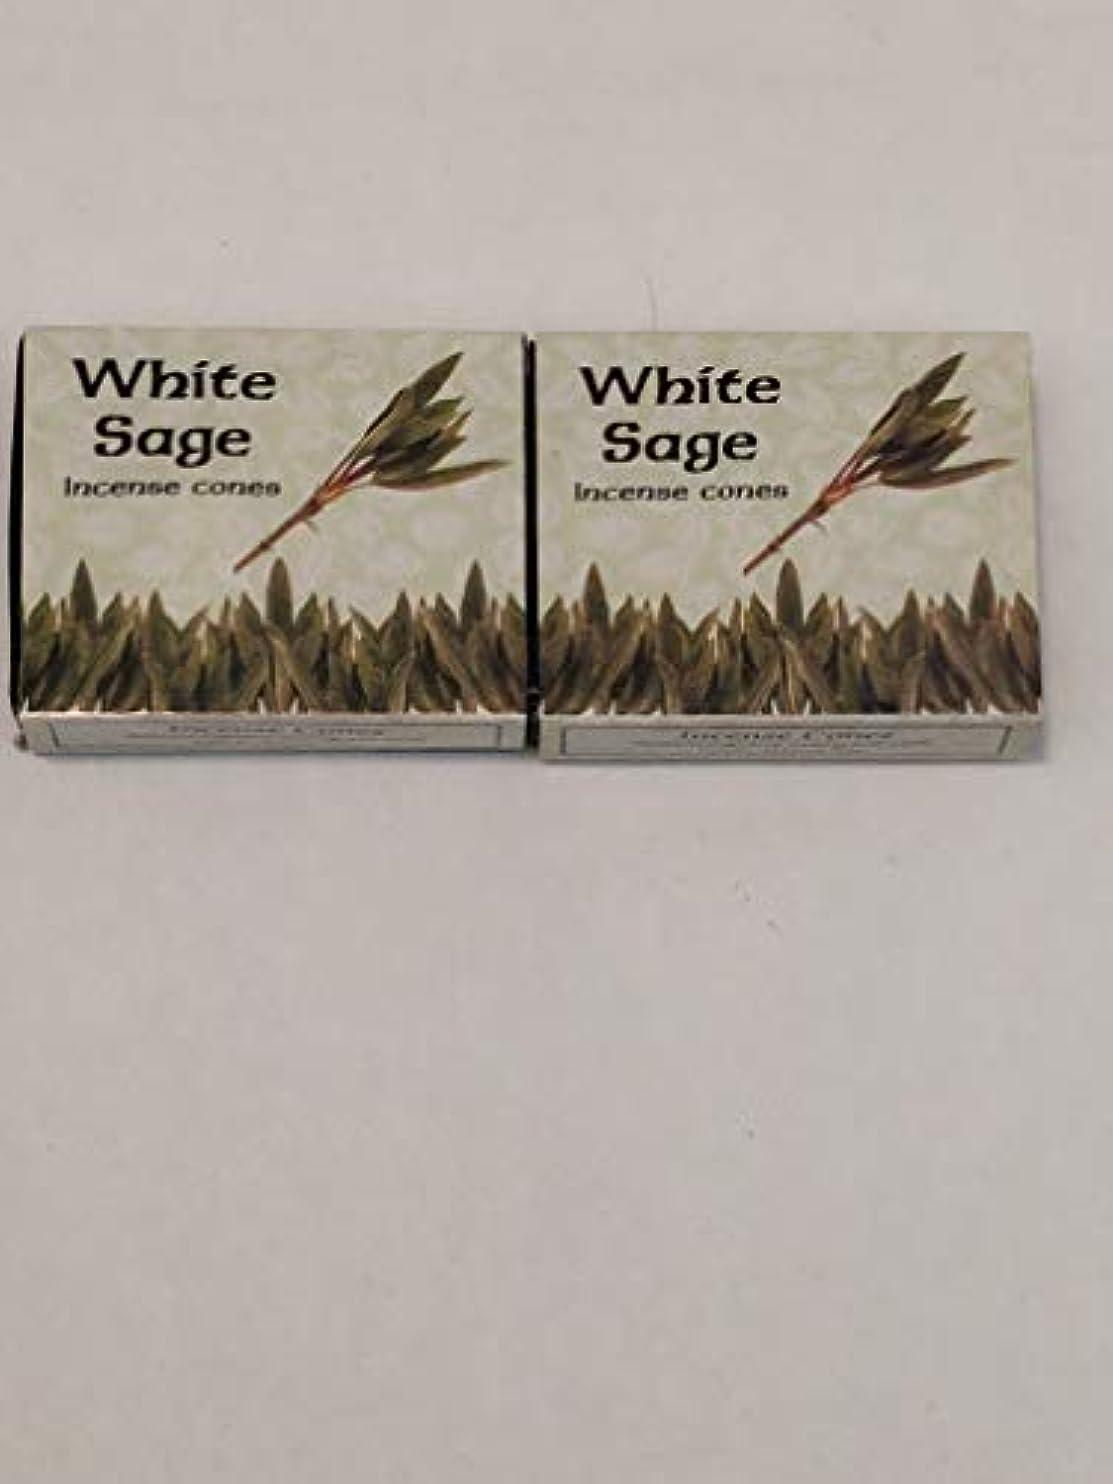 スプリット機械的に規則性Kamini ホワイトセージ線香 マルチパック 2 Packs (20 Cones) ブラウン